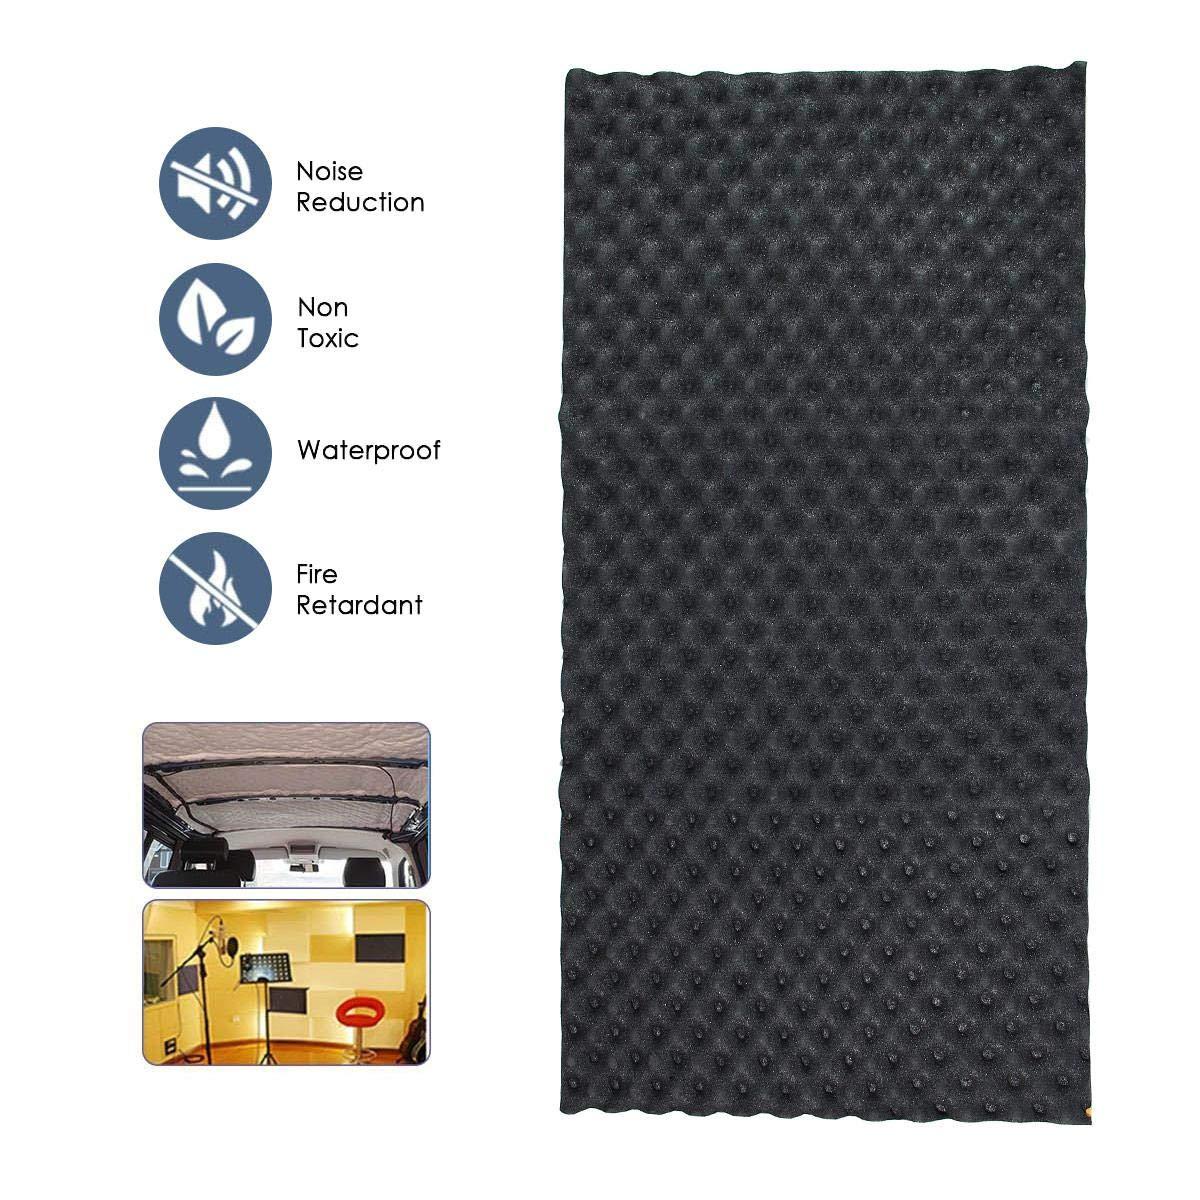 TEEPAO Panel de Espuma Aislante de Ruido para Coche Estudio de grabaci/ón Espuma insonorizante Resistente a la Humedad 2 cm x 50 cm x 10 m KTV hogar ign/ífugo